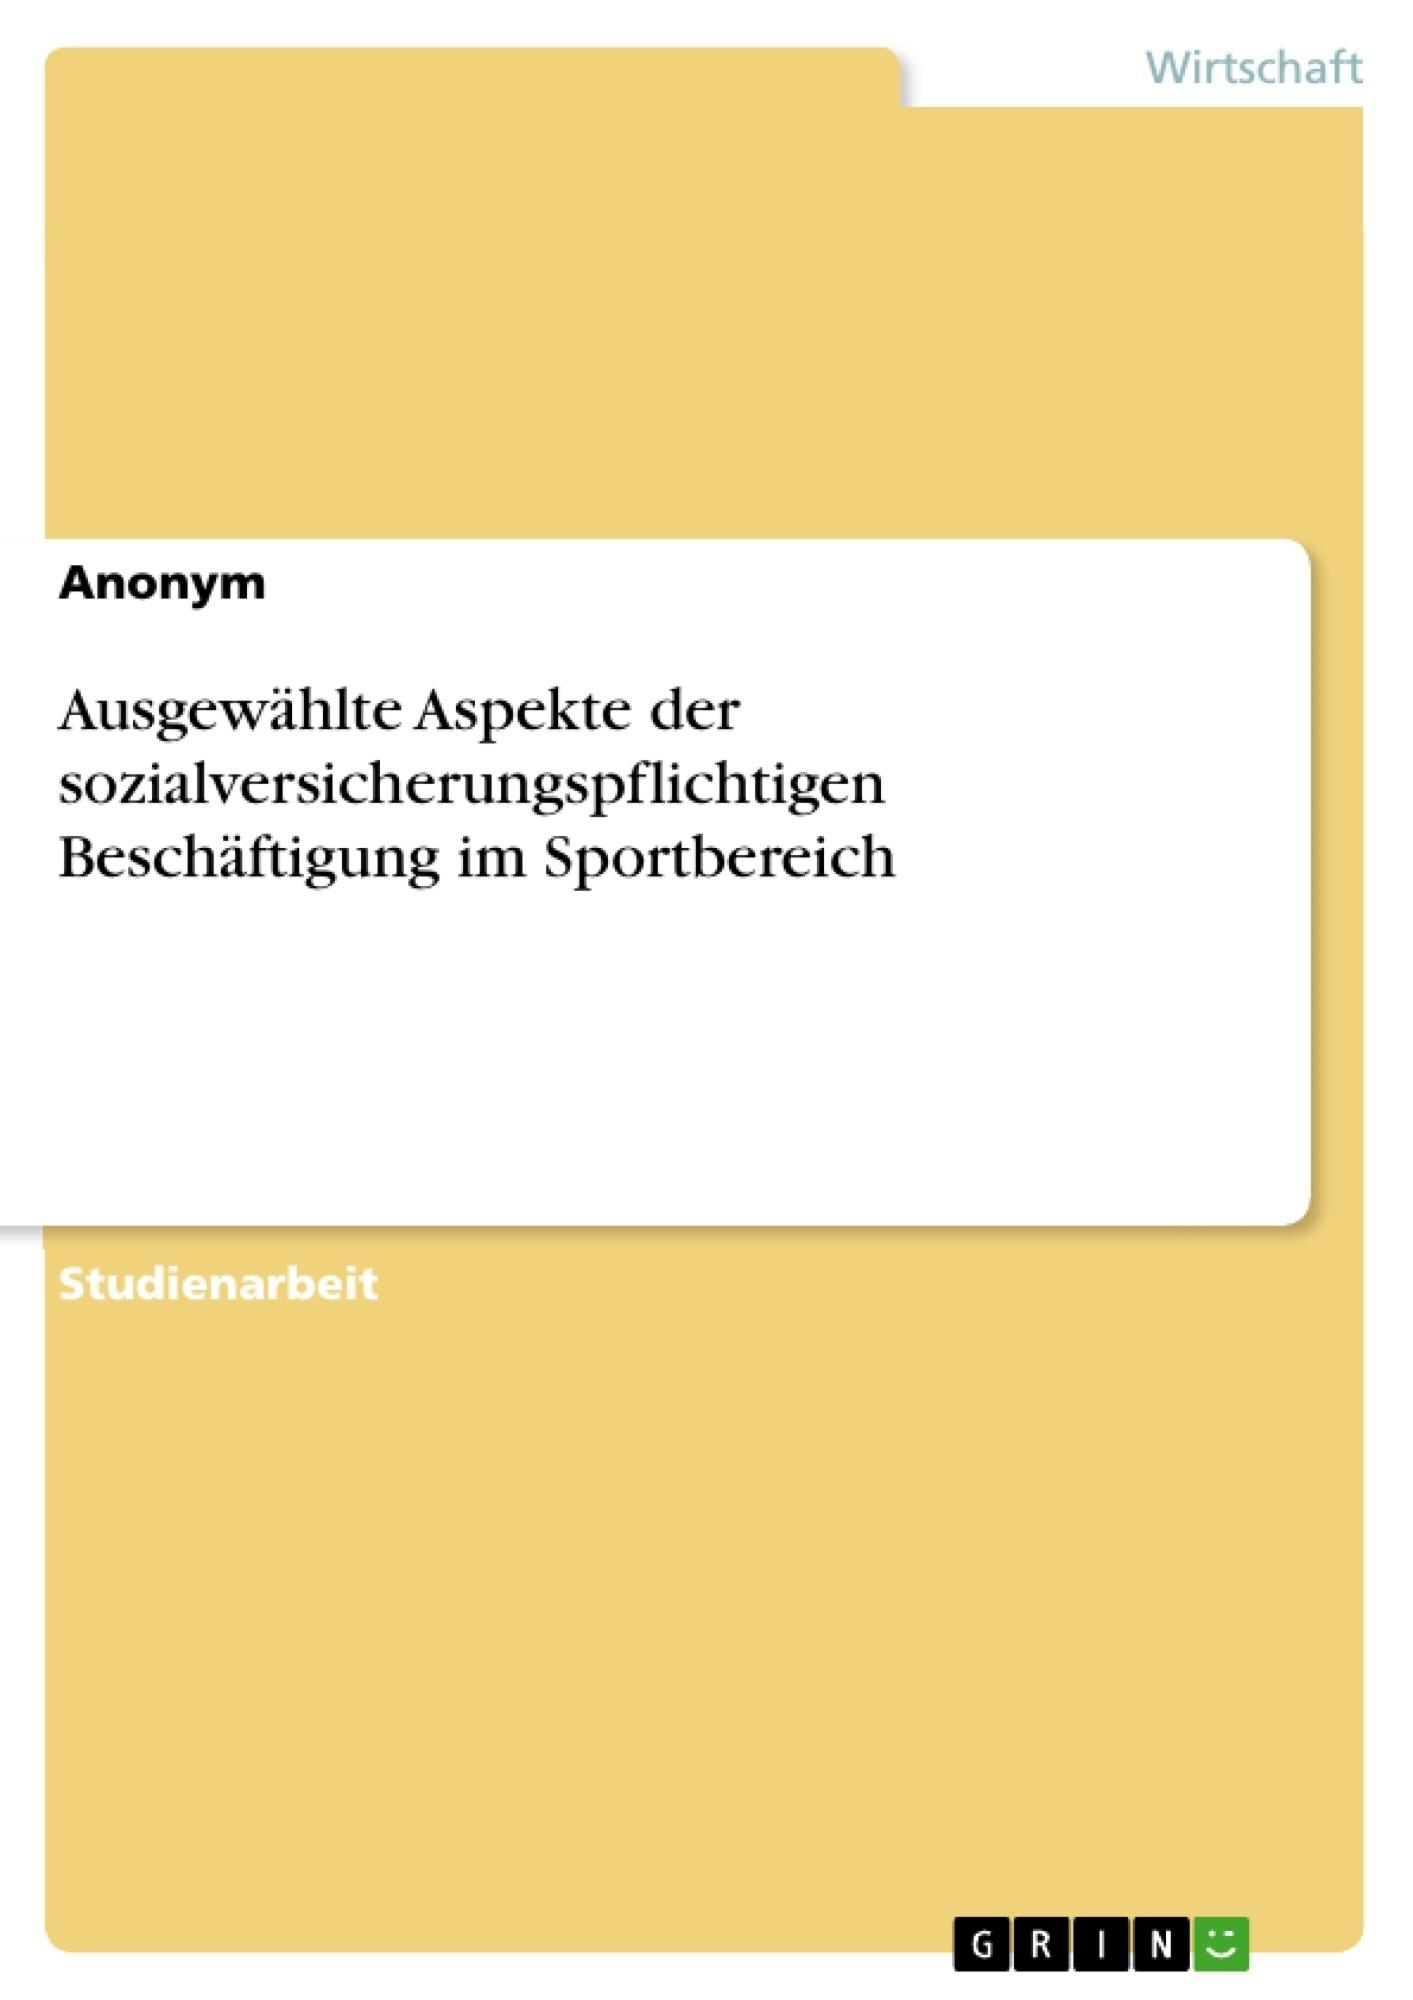 Titel: Ausgewählte Aspekte der sozialversicherungspflichtigen Beschäftigung im Sportbereich